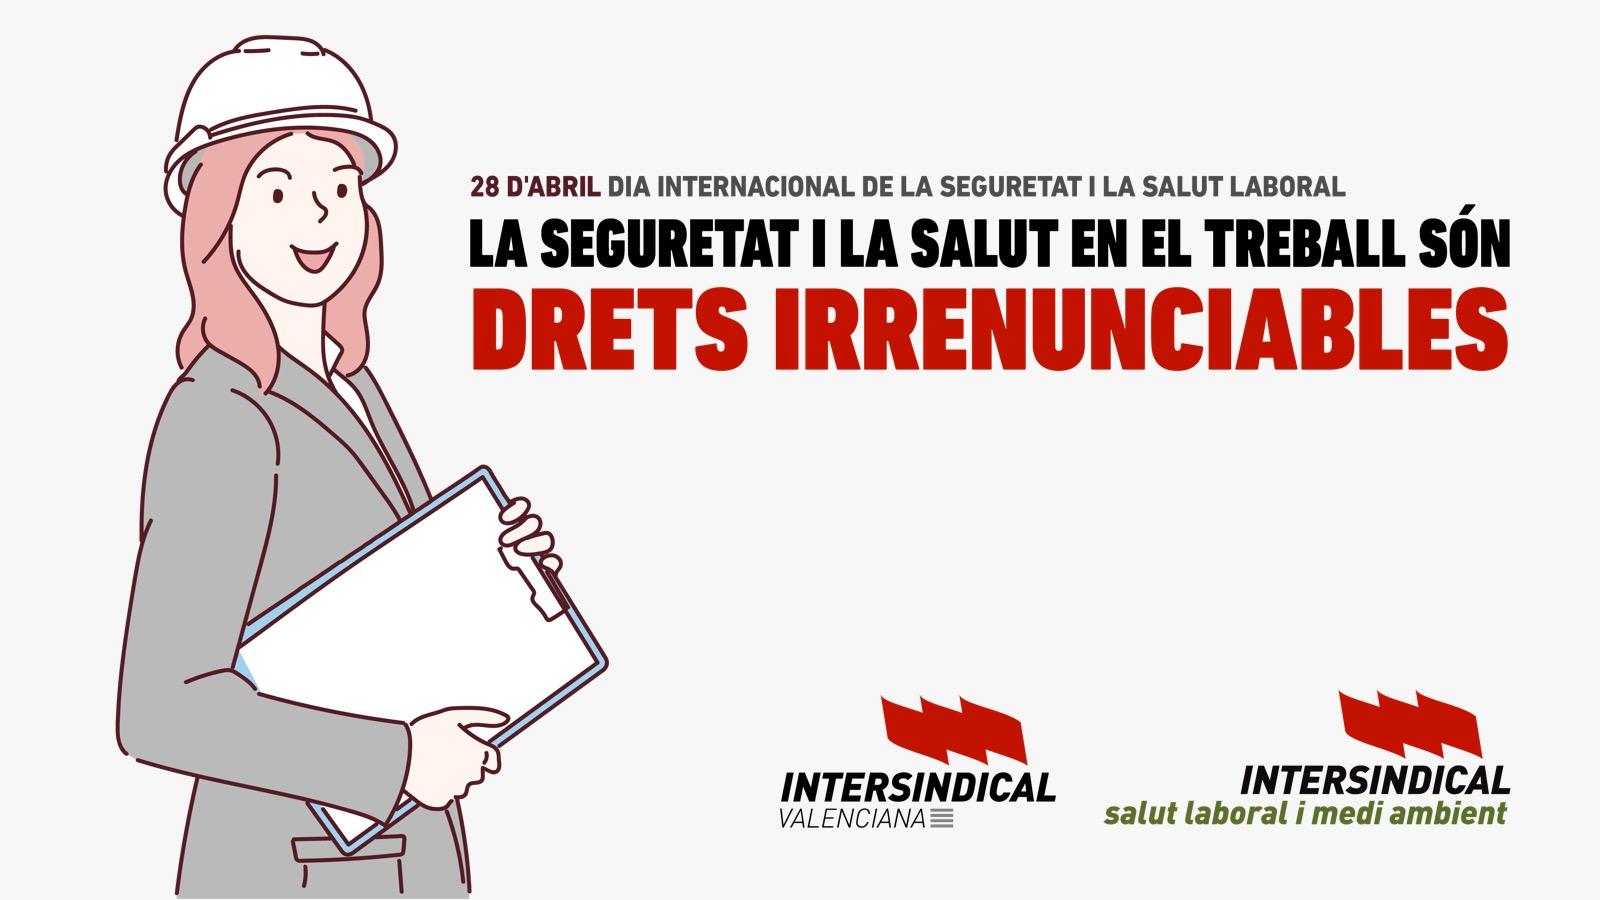 28 d'abril: Dia Internacional de la Seguretat i la Salut Laboral